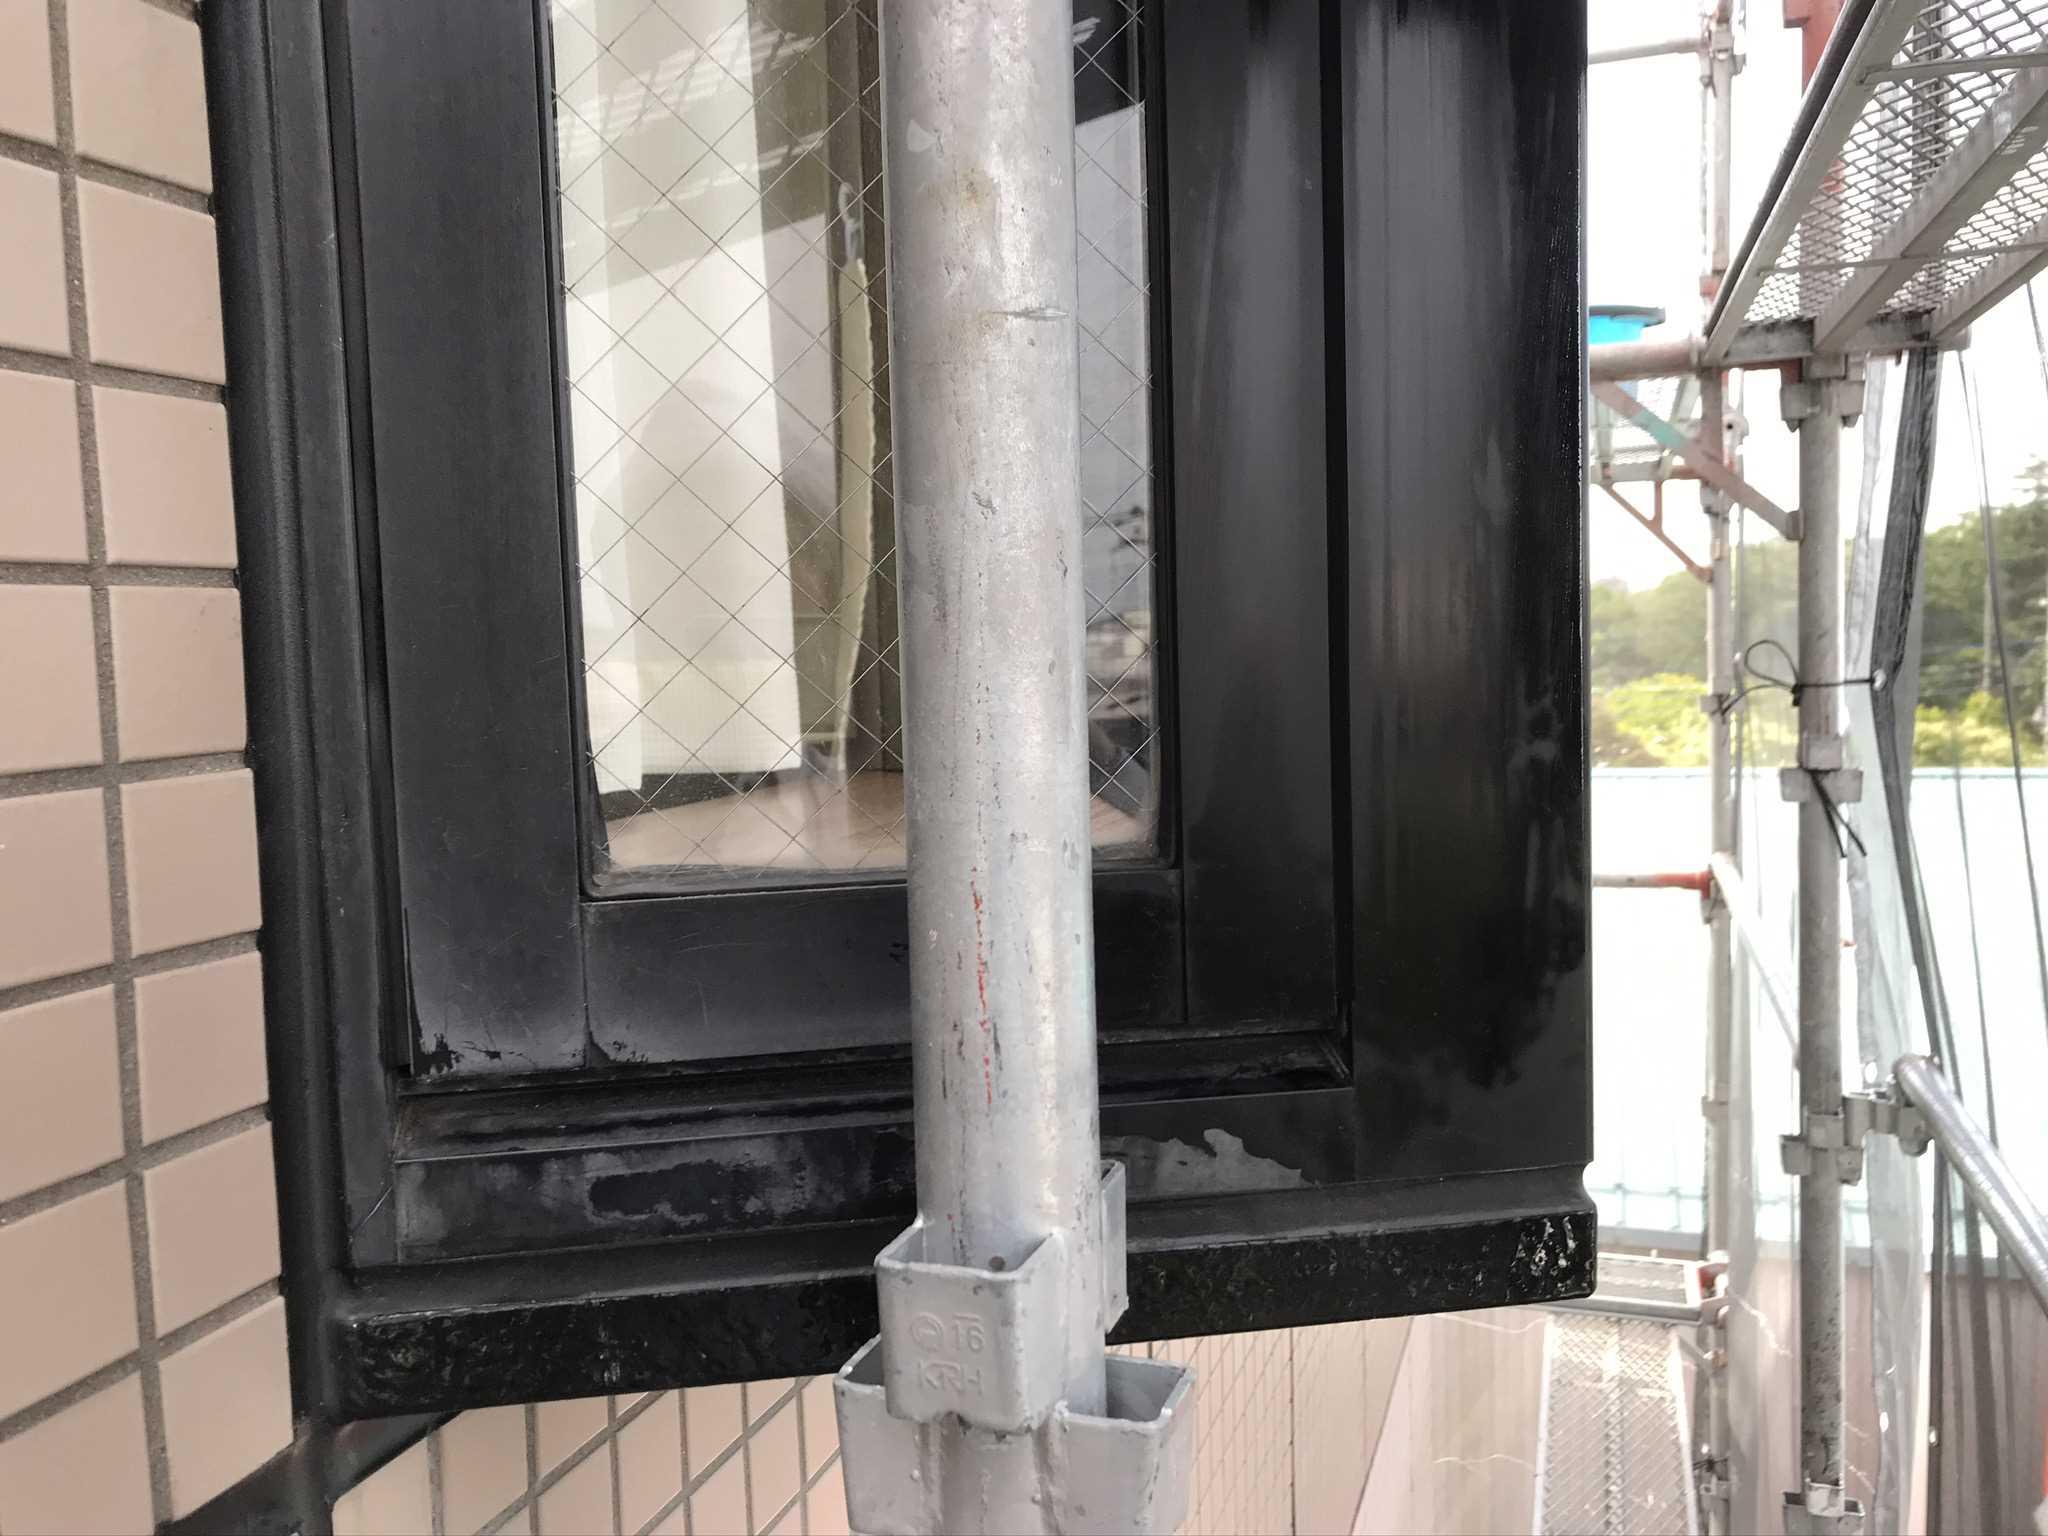 さいたま市北区マンションアルミ製小窓枠の汚れ落とし前